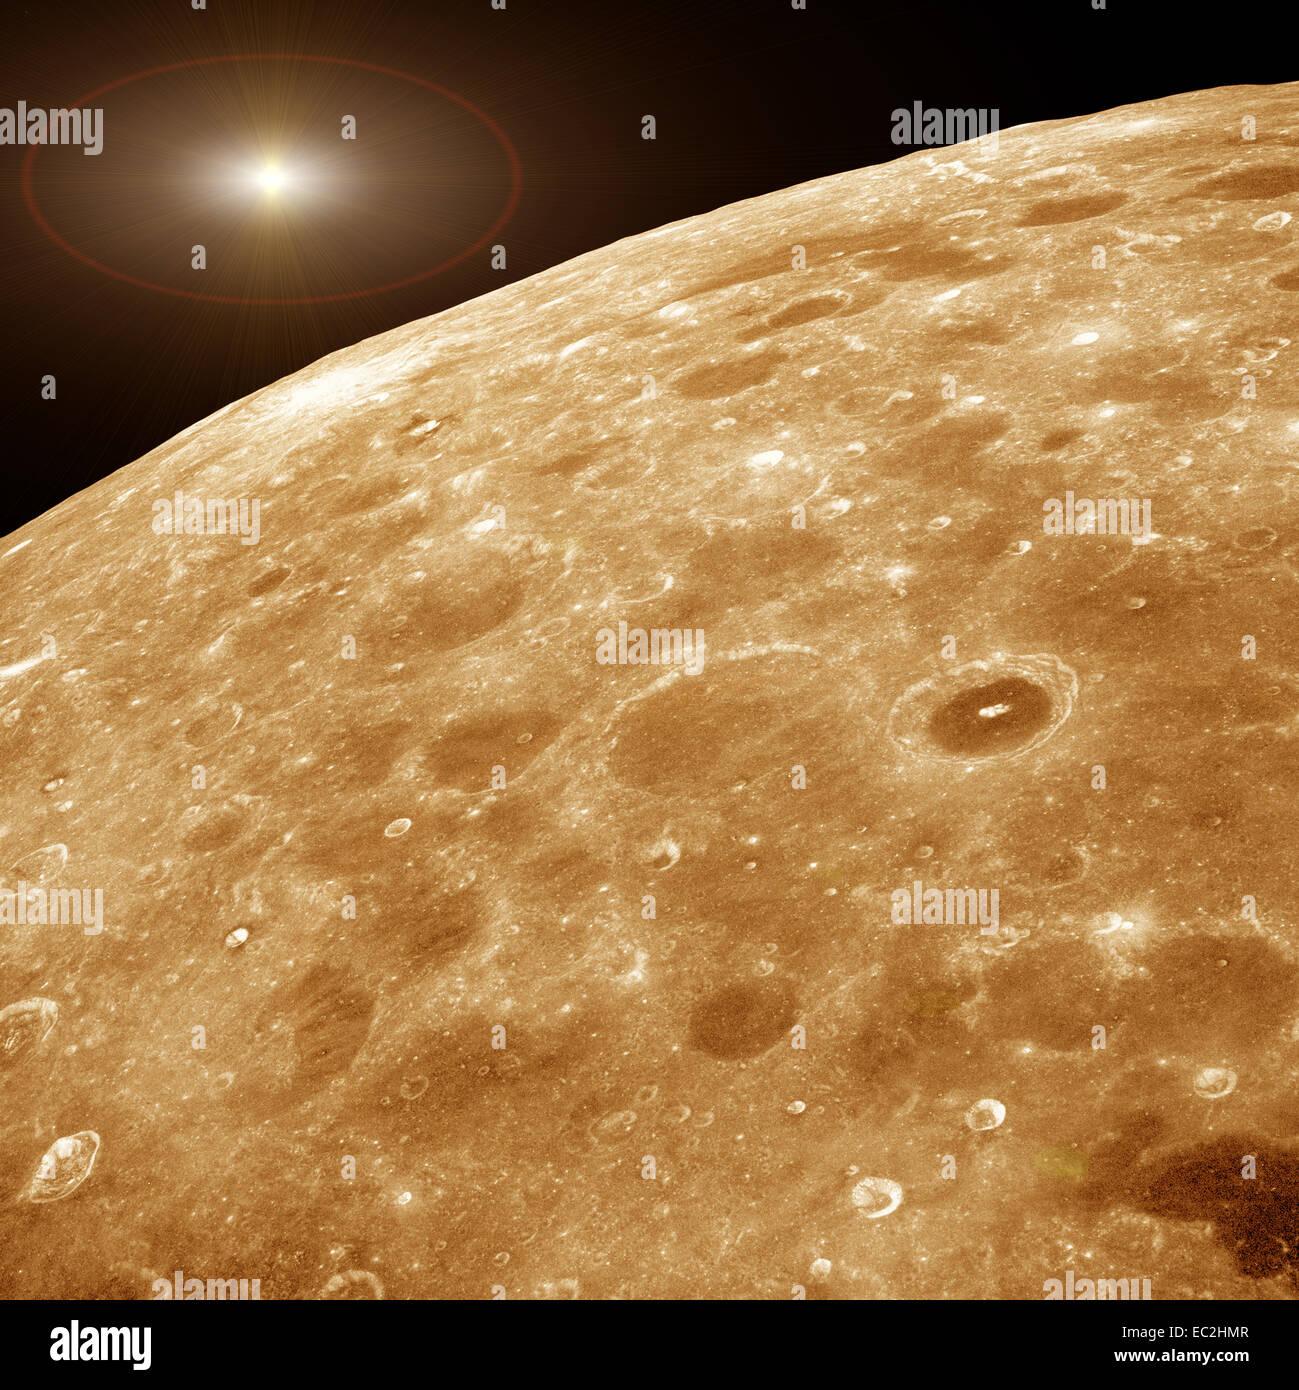 Star lontani e di primo piano della superficie della luna Immagini Stock